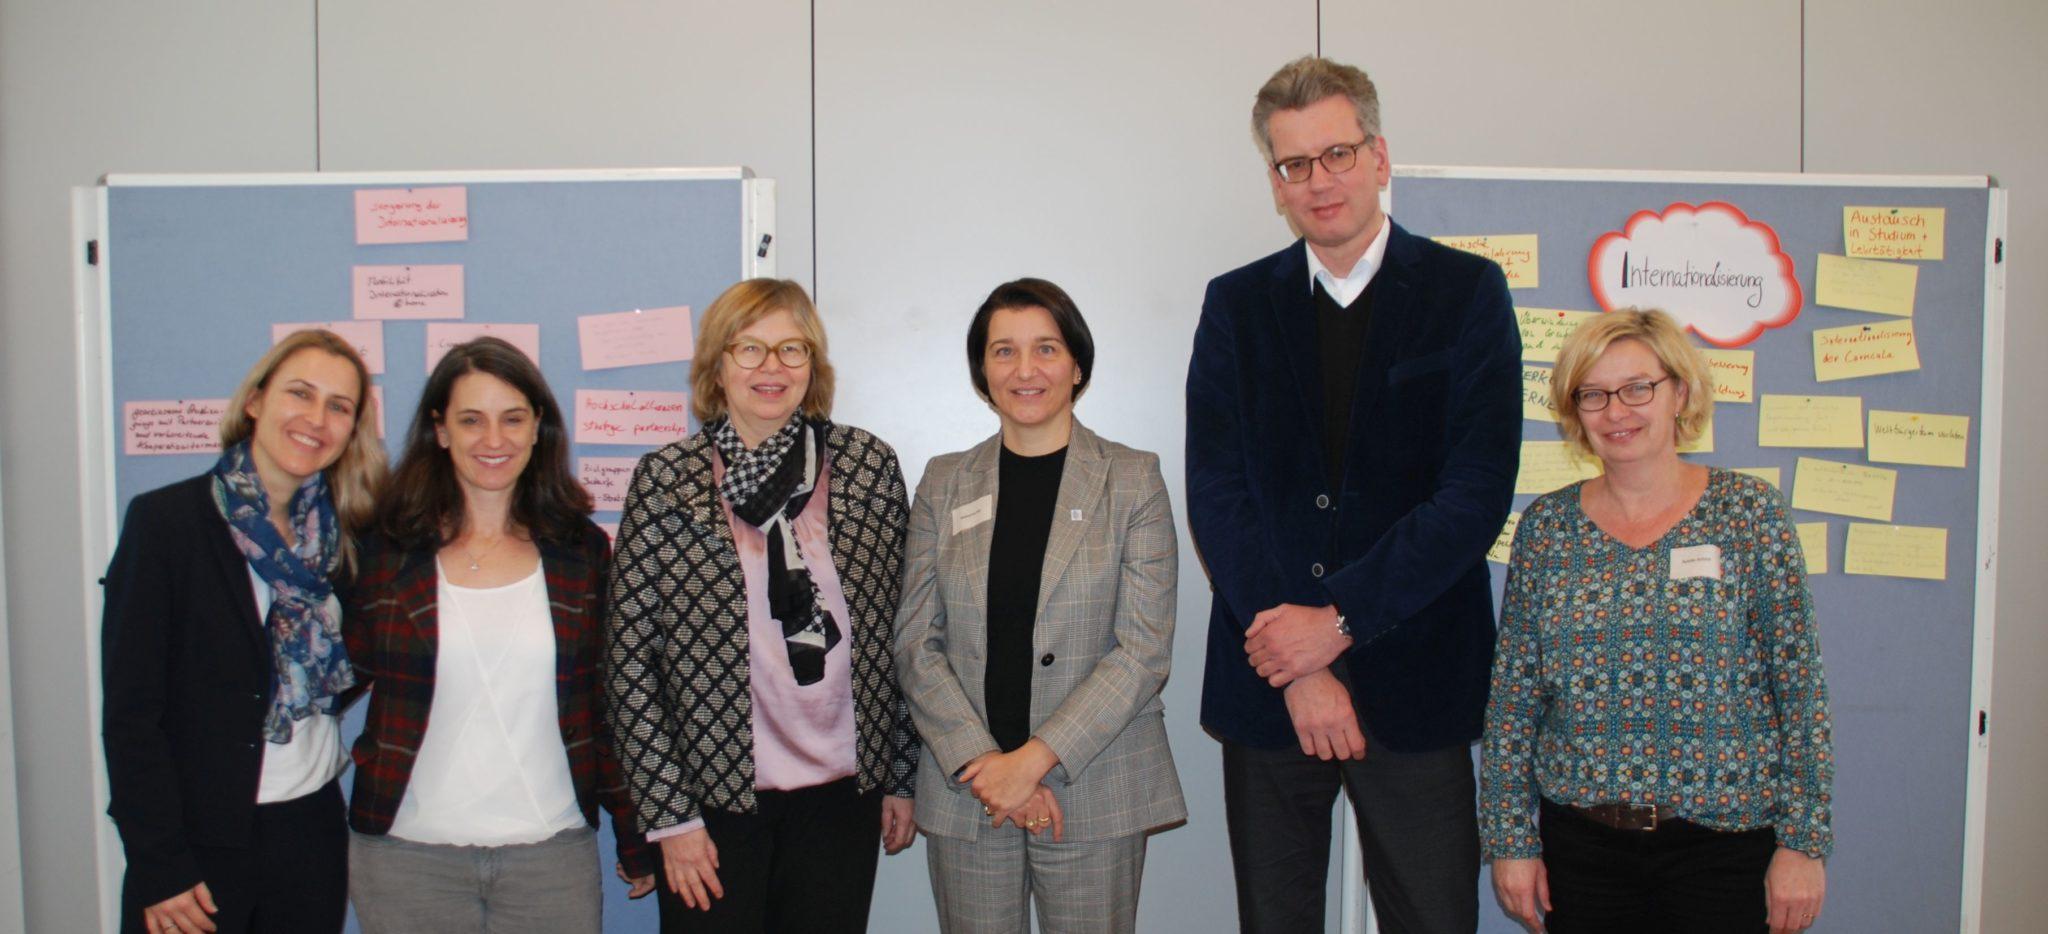 Gruppenfoto der Organisatorinnen und Referent*innen vor Stellwand mit Präsentation der Ergebnisse